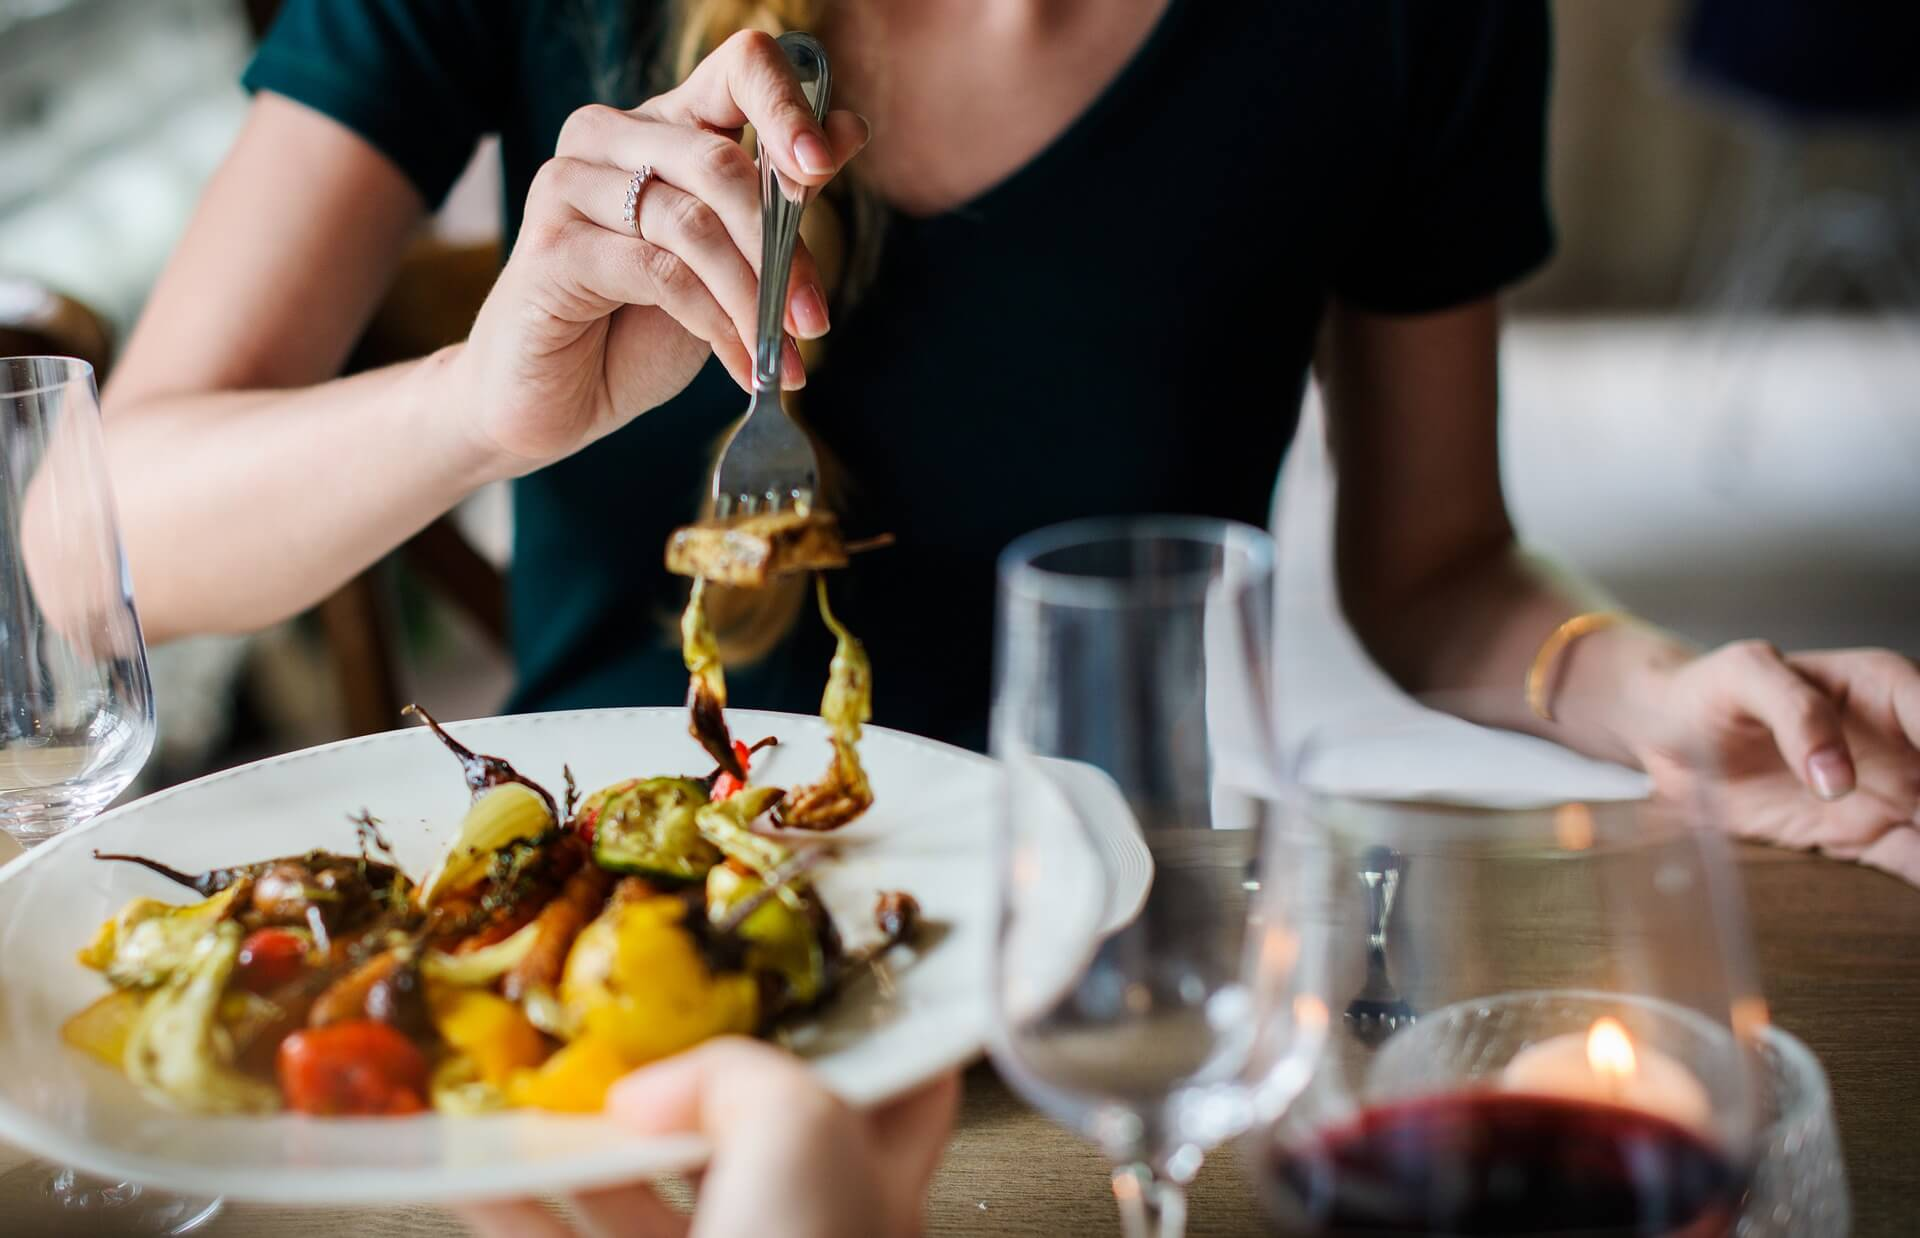 Zdrav život u vrijeme blagdana: Evo kada je najbolje jesti tijekom dana